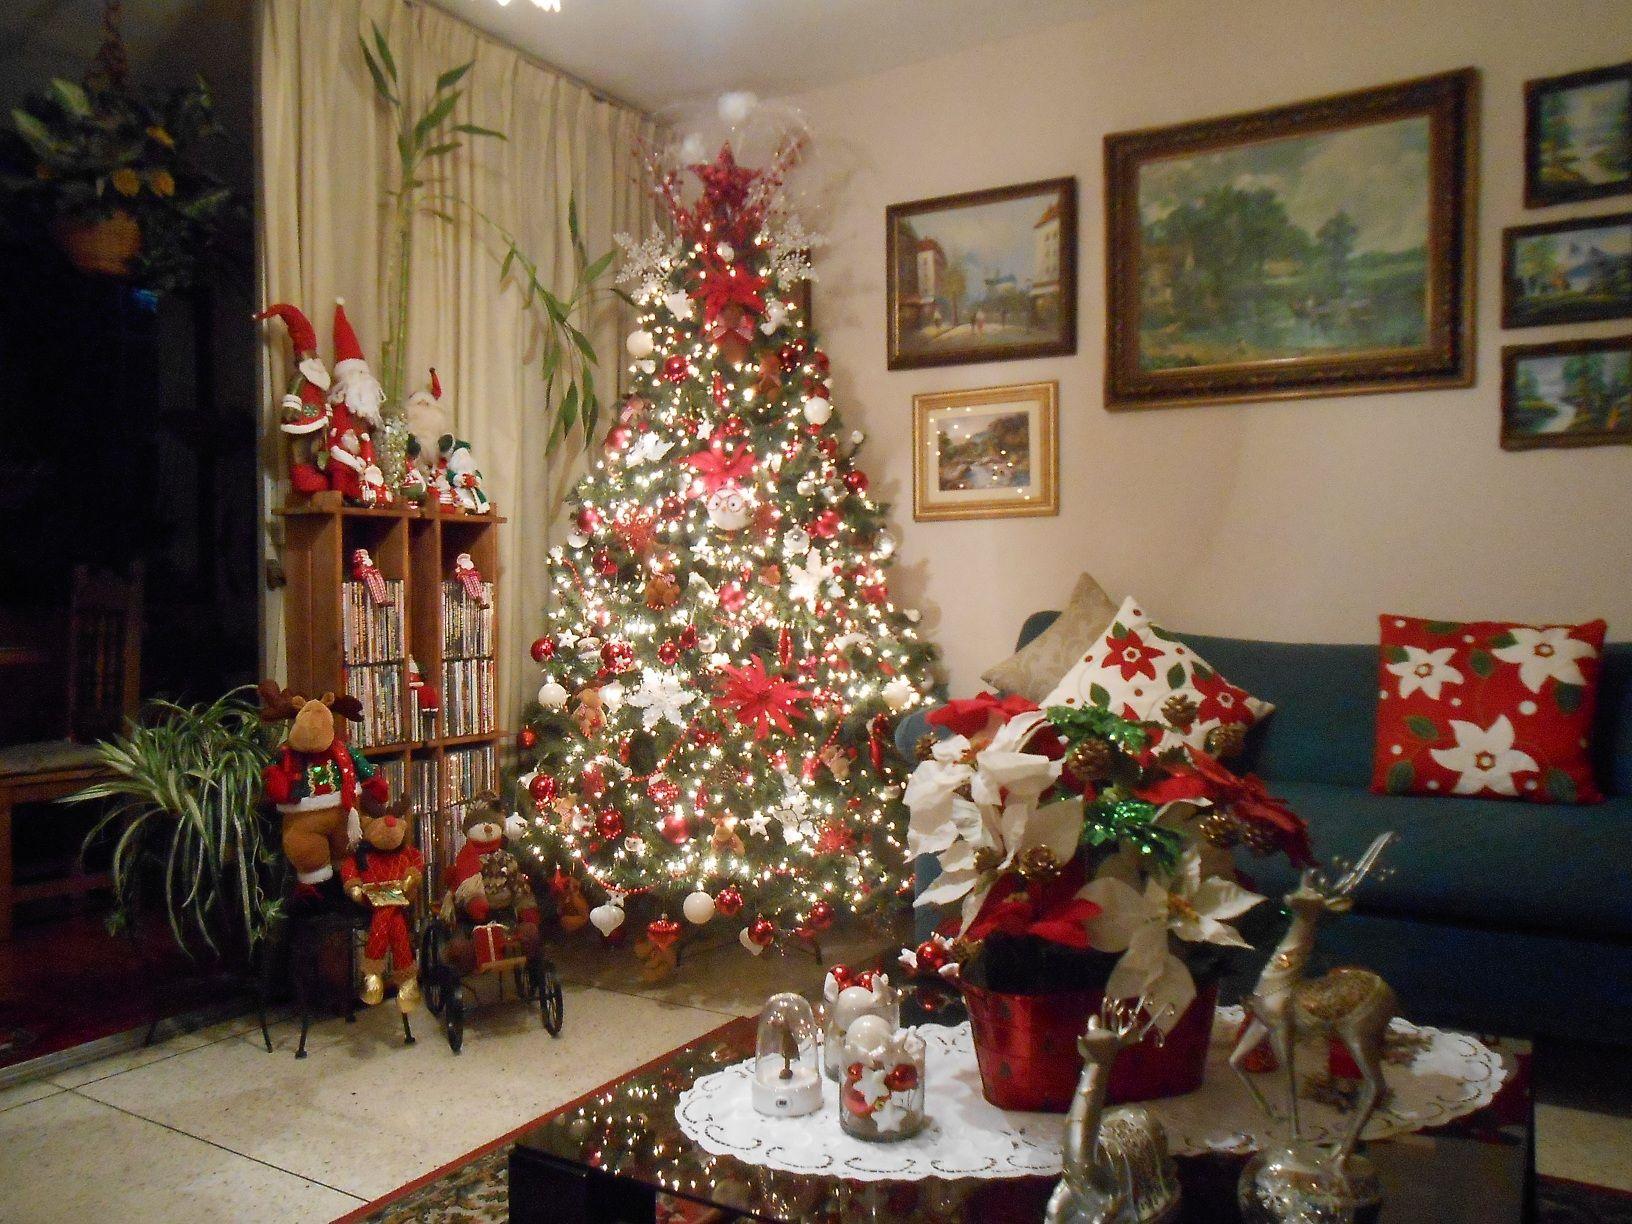 Mi arbol de navidad 2013 2014 y decoracion de mi sala - Decoracion de arbol de navidad ...